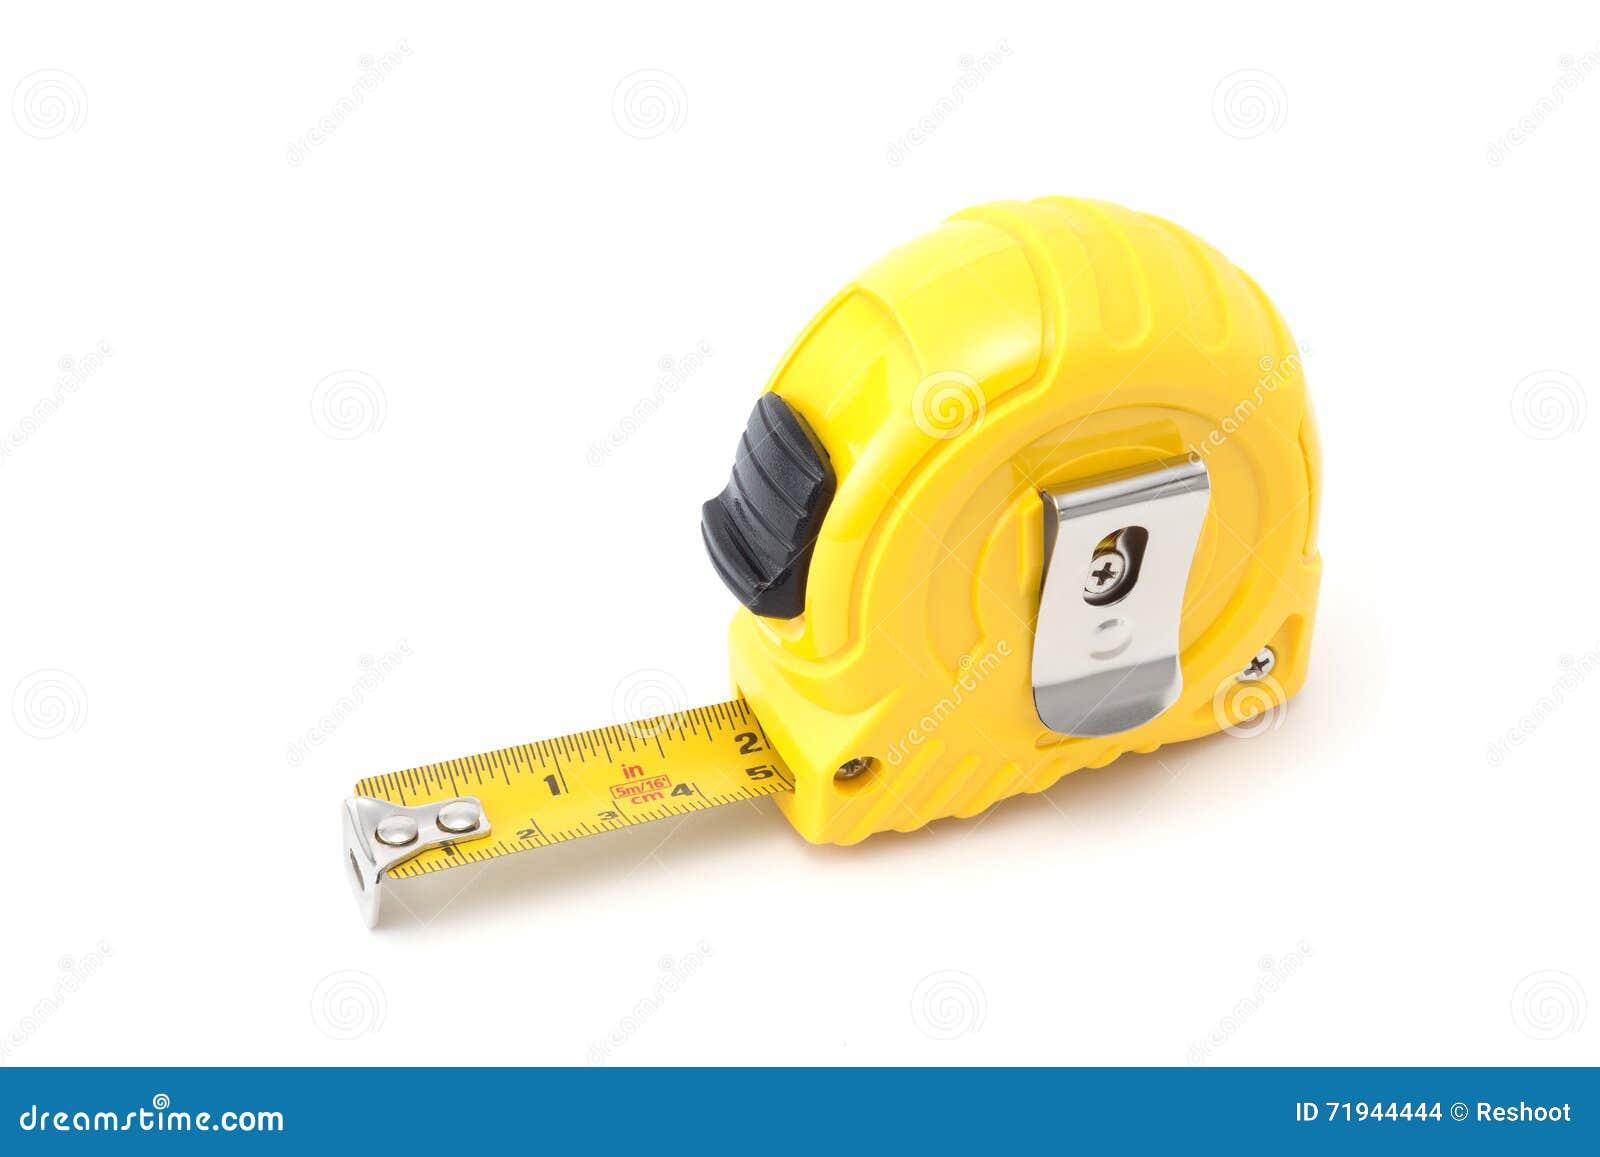 прибор предназначил ленту измерения измерения длины